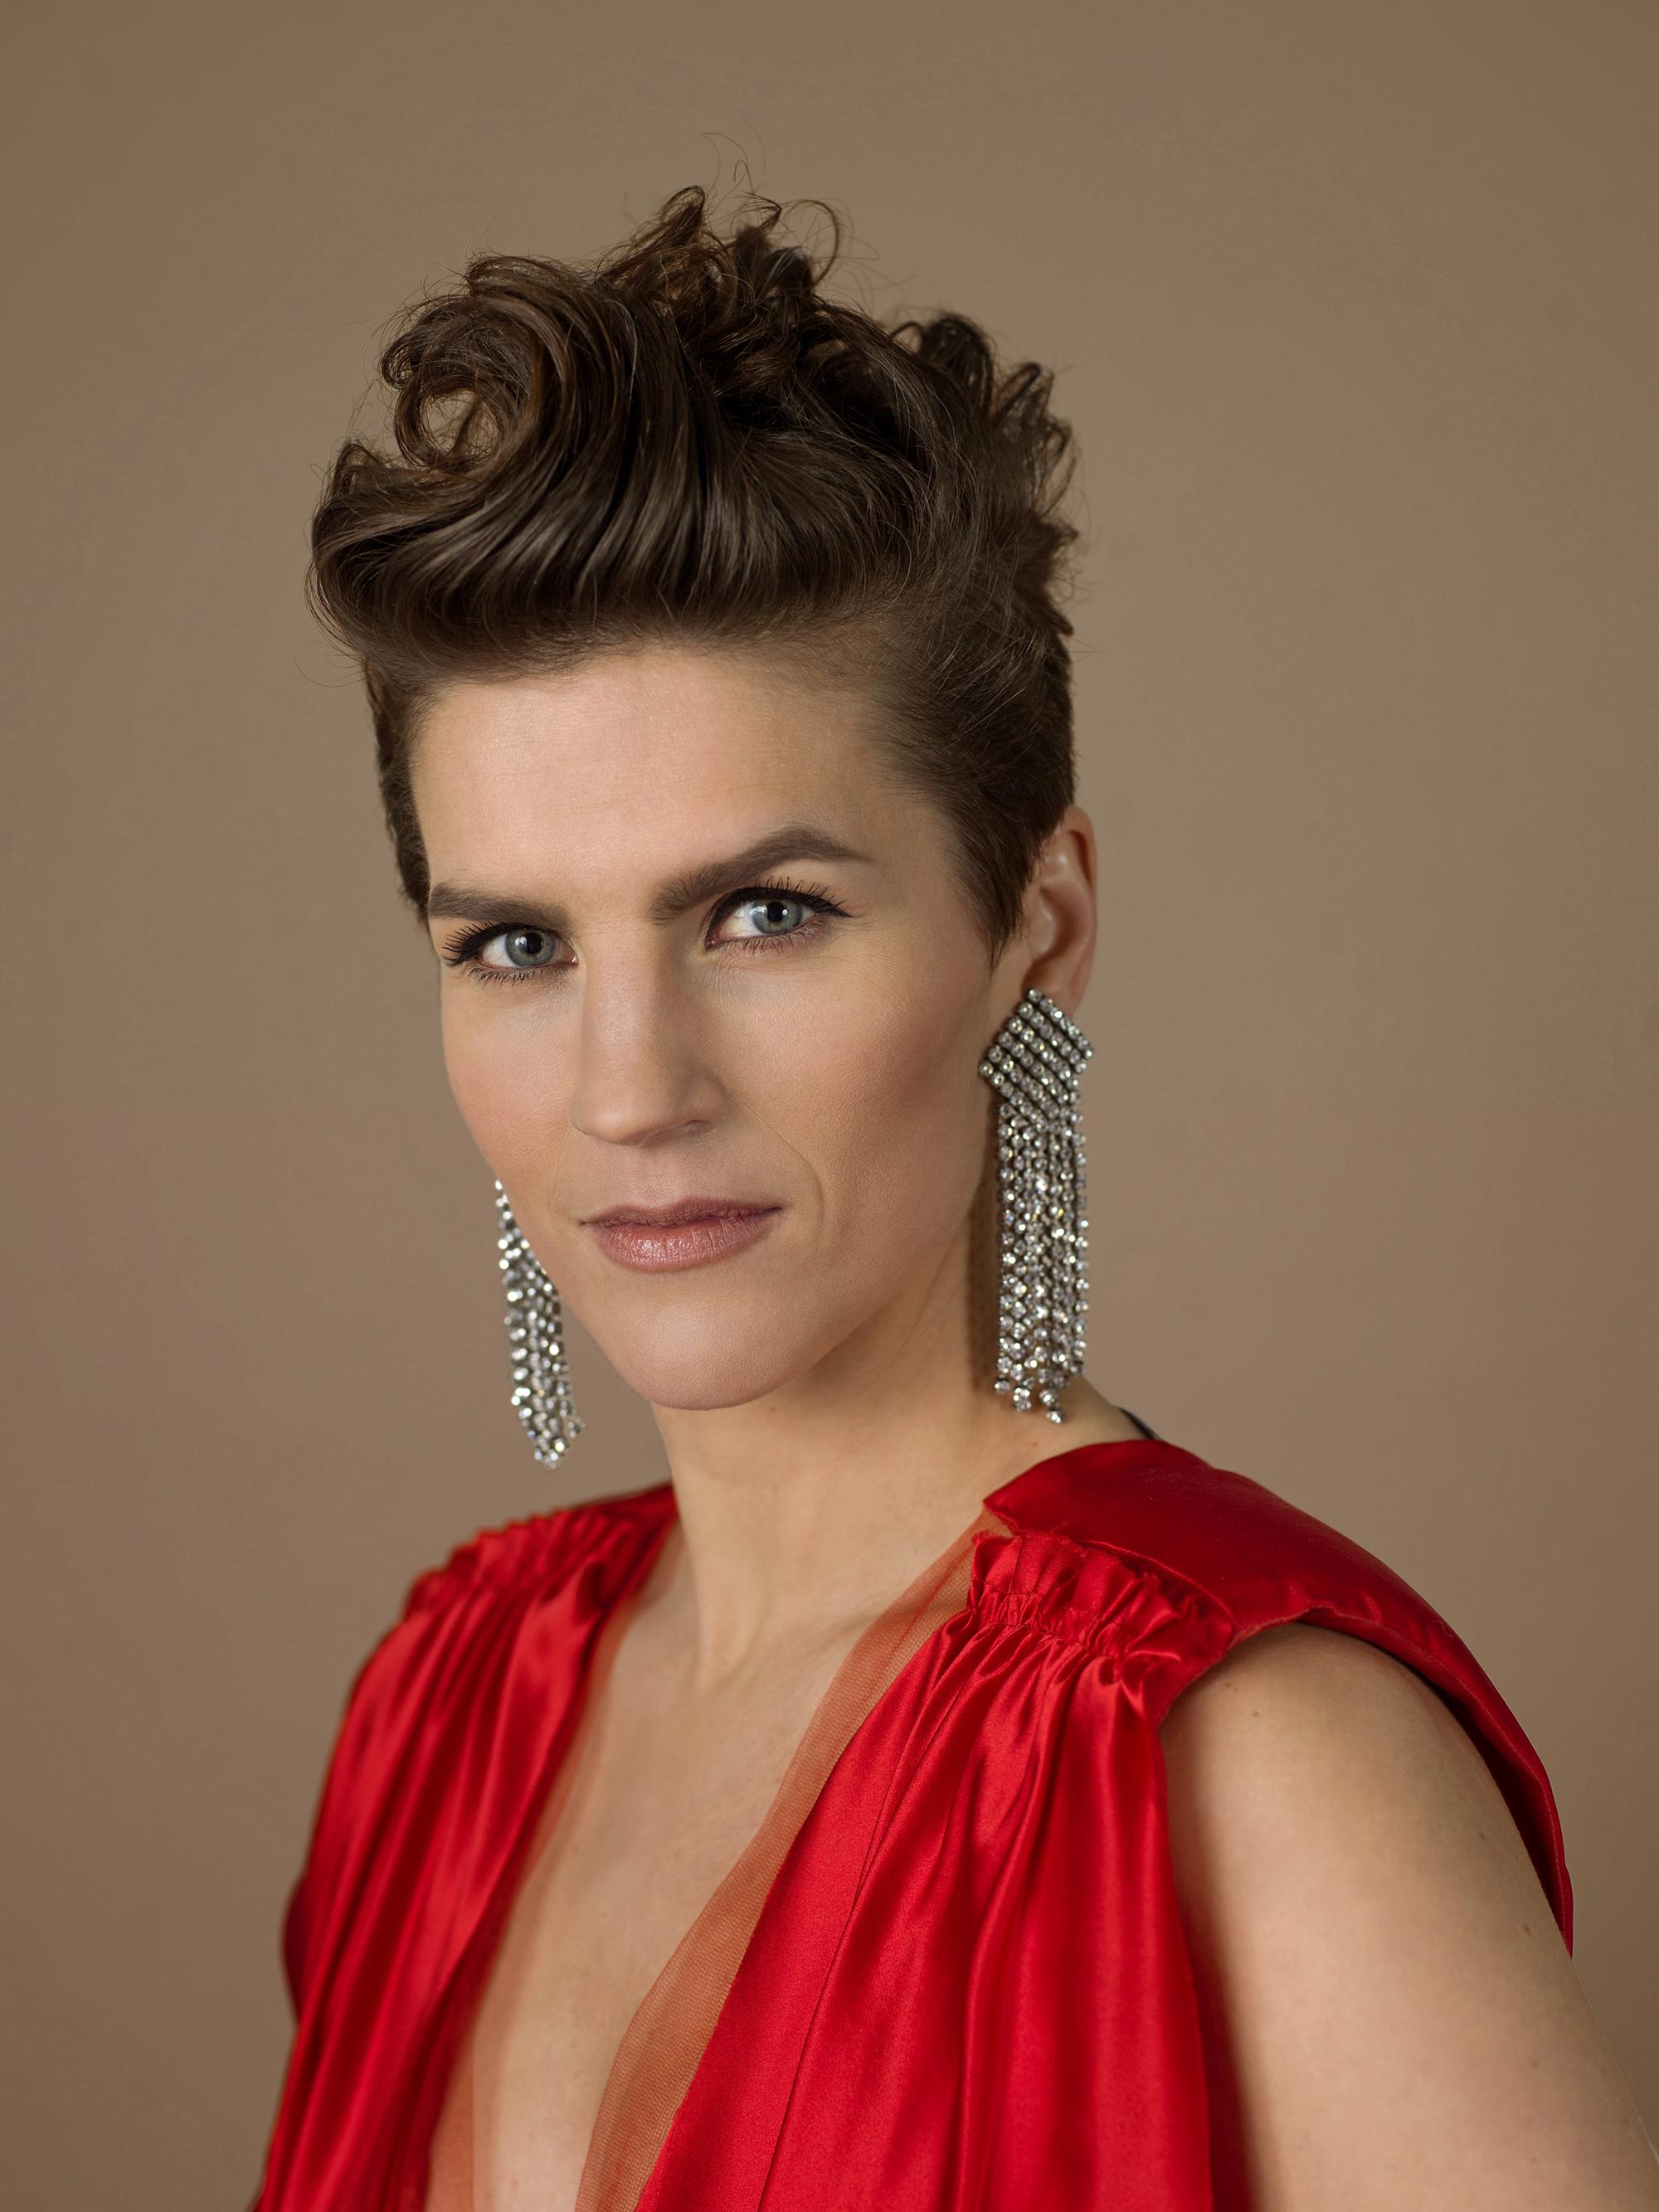 Maria Ylipää tulkitsee tango nuevon mestarin Astor Piazzollan rakastetuimpia sävellyksiä Kangasala-talossa 8.4.2021.